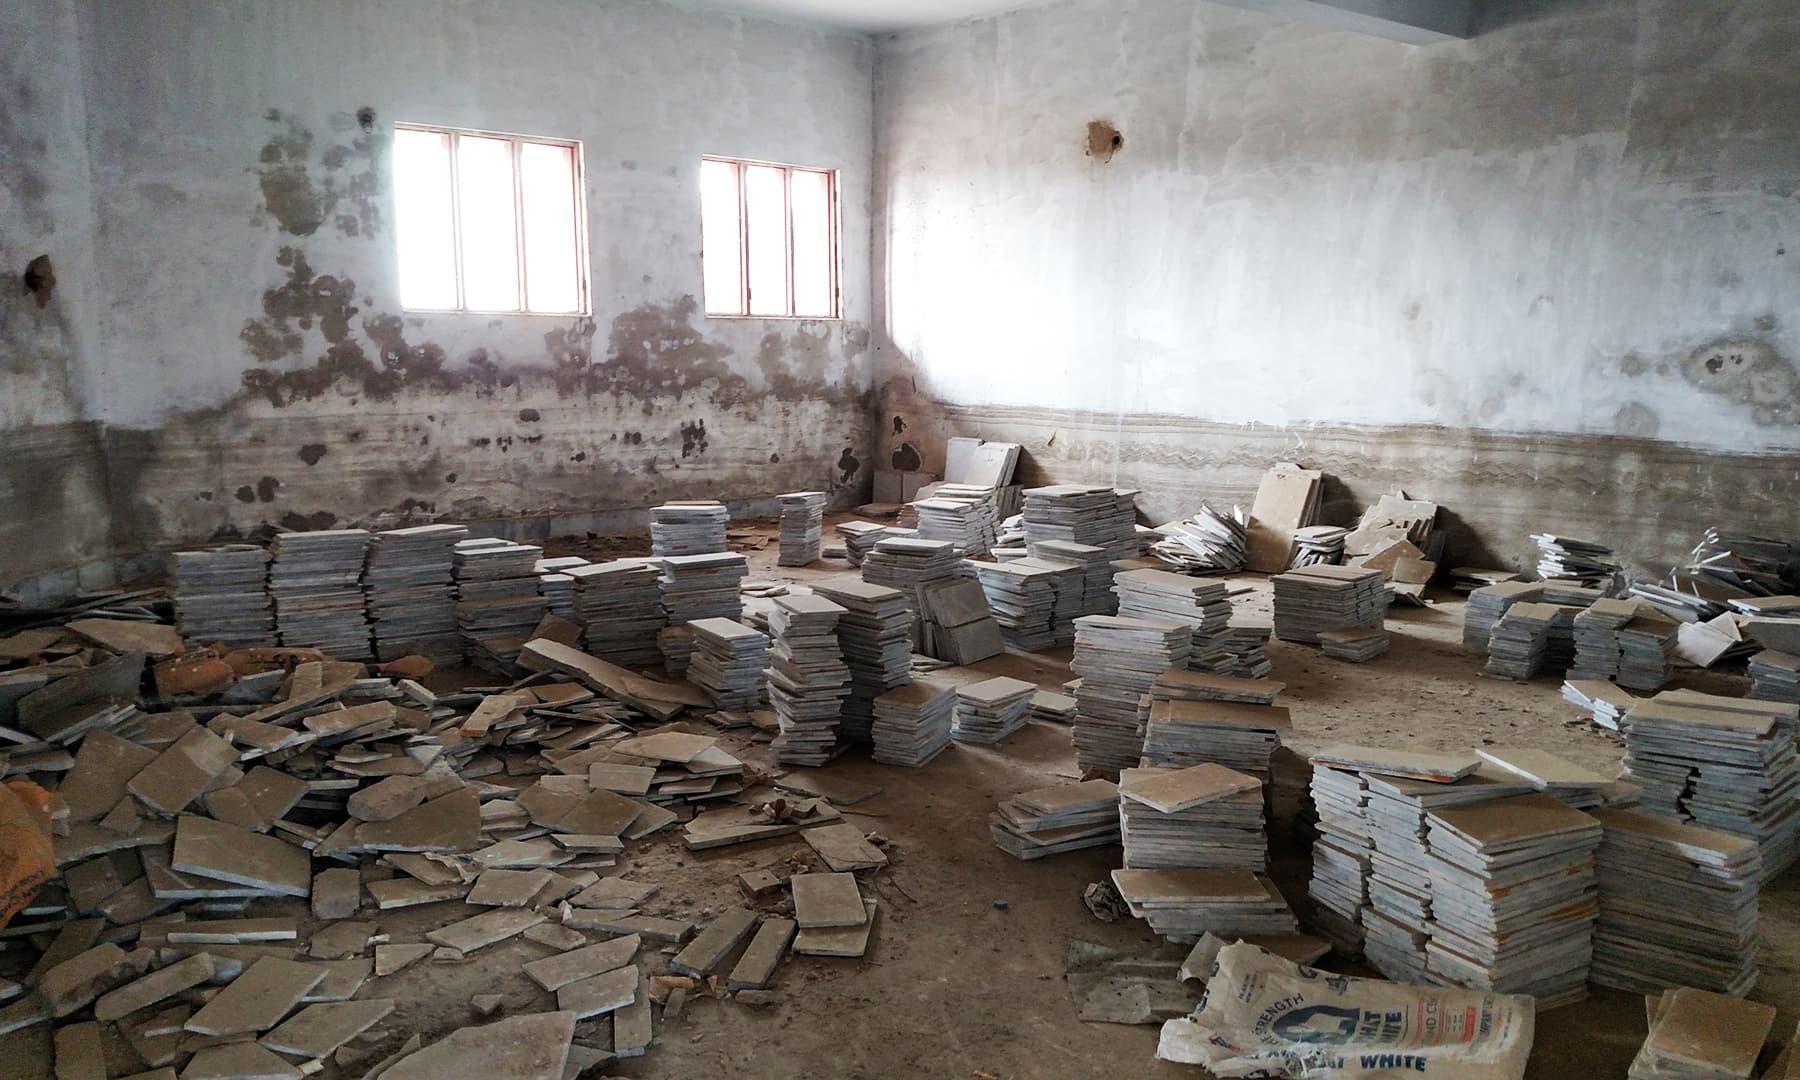 تعمیراتی سامان ایک کلاس روم میں رکھا گیا ہے۔— بلال کریم مغل